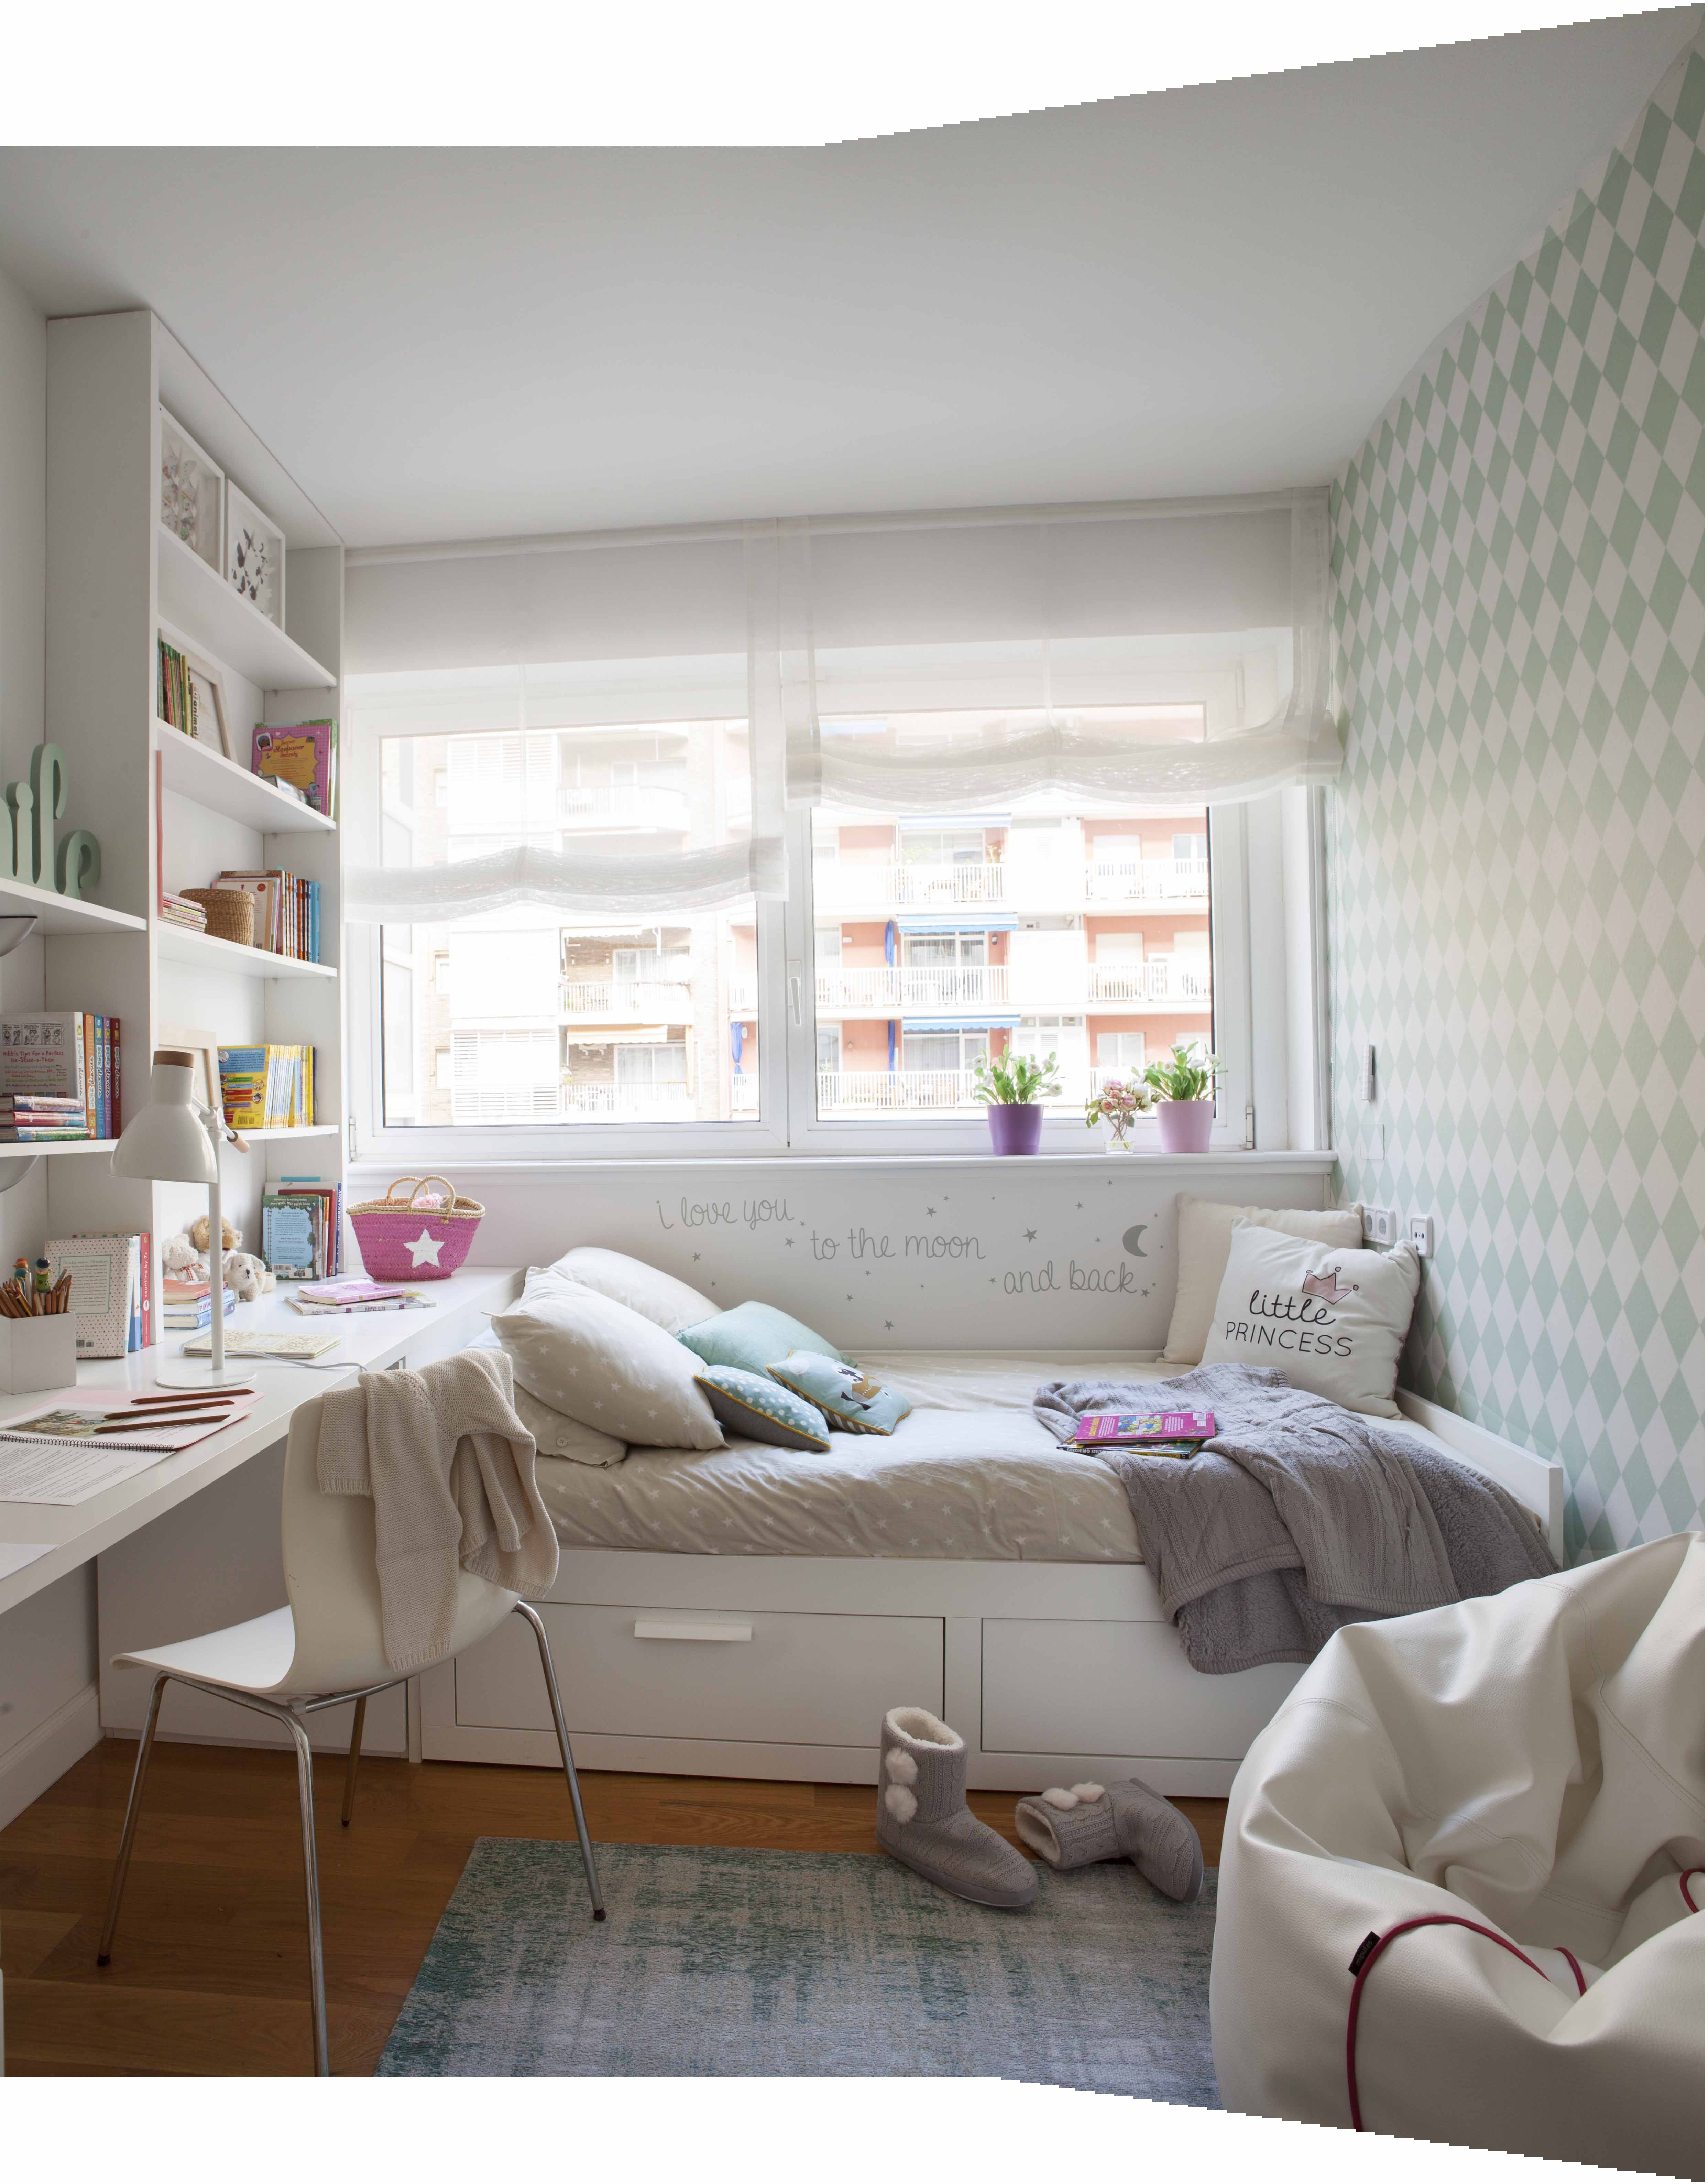 Zimmer im griechischen stil esther knorpp eknorpp on pinterest